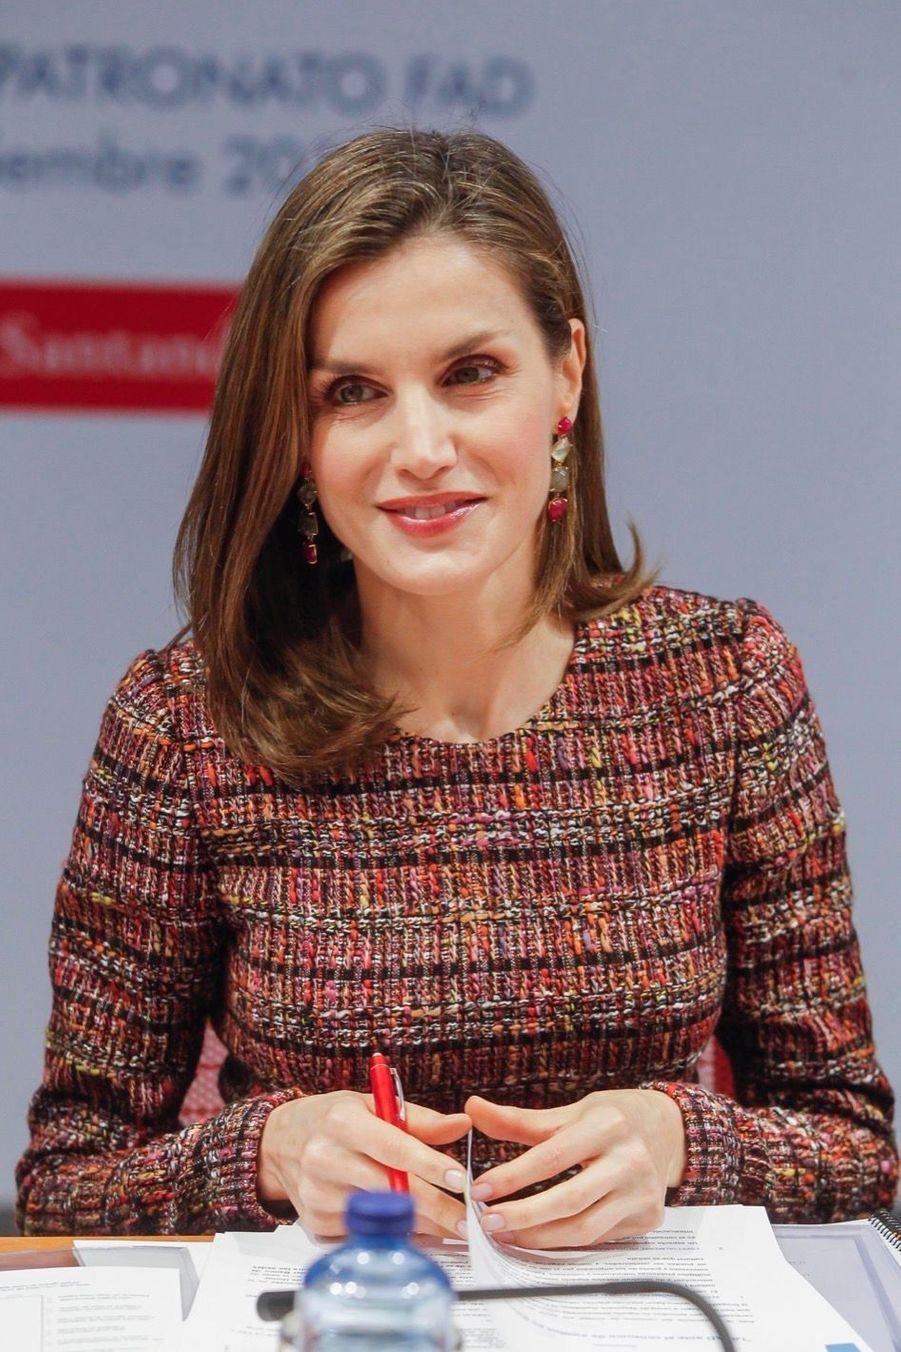 La Reine Letizia D'Espagne Lors D'une Réunion De La Fondation D'aide Contre La Toxicomanie 14